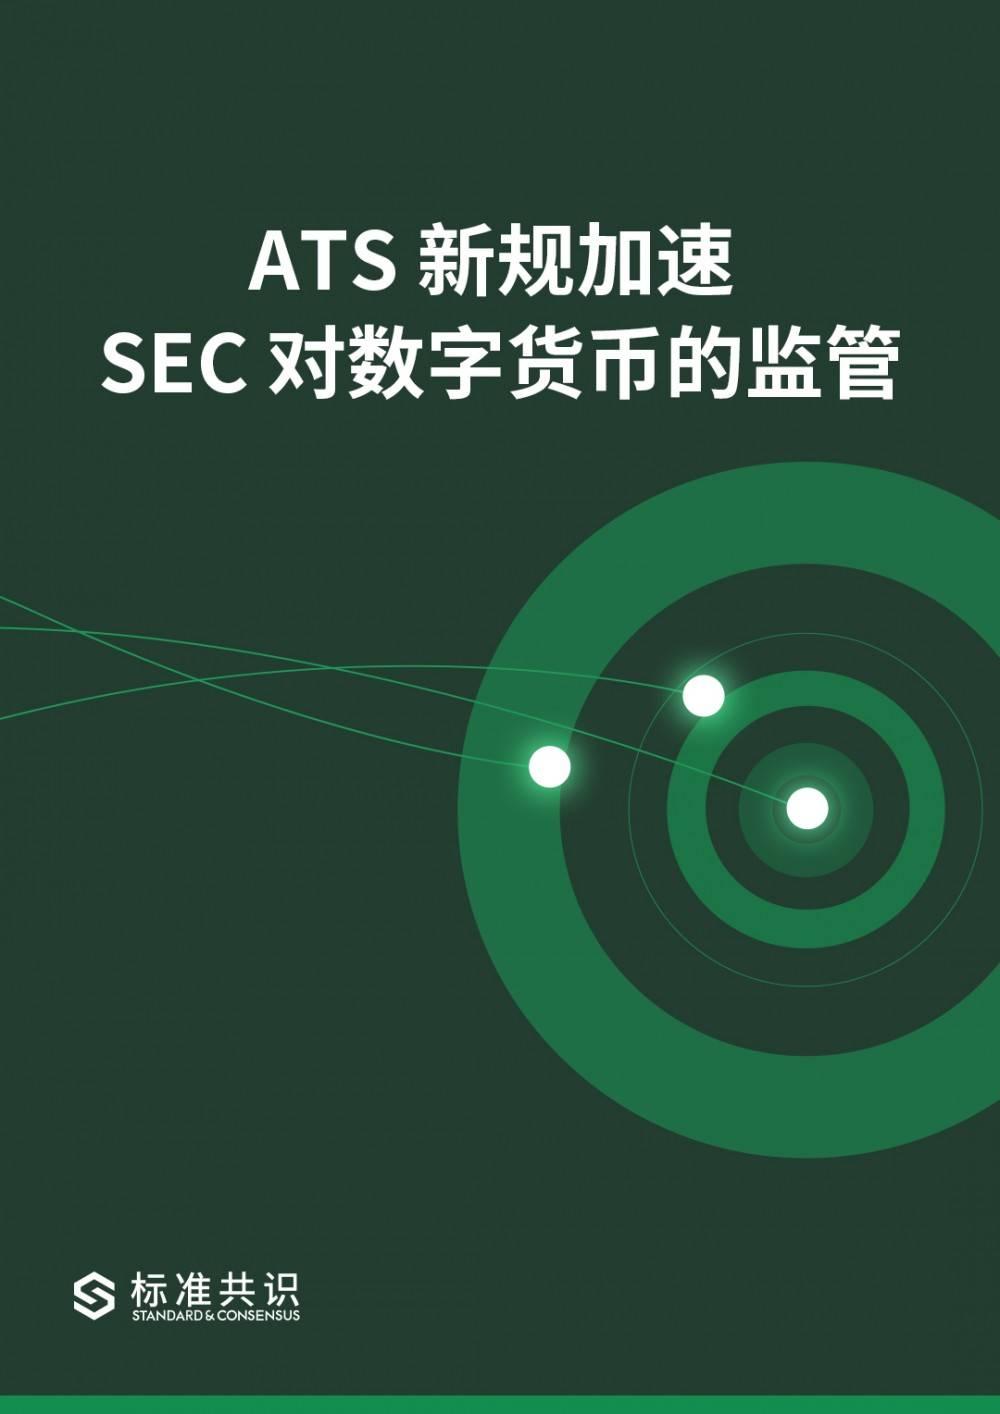 标准共识:ATS新规加速SEC对数字货币的监管